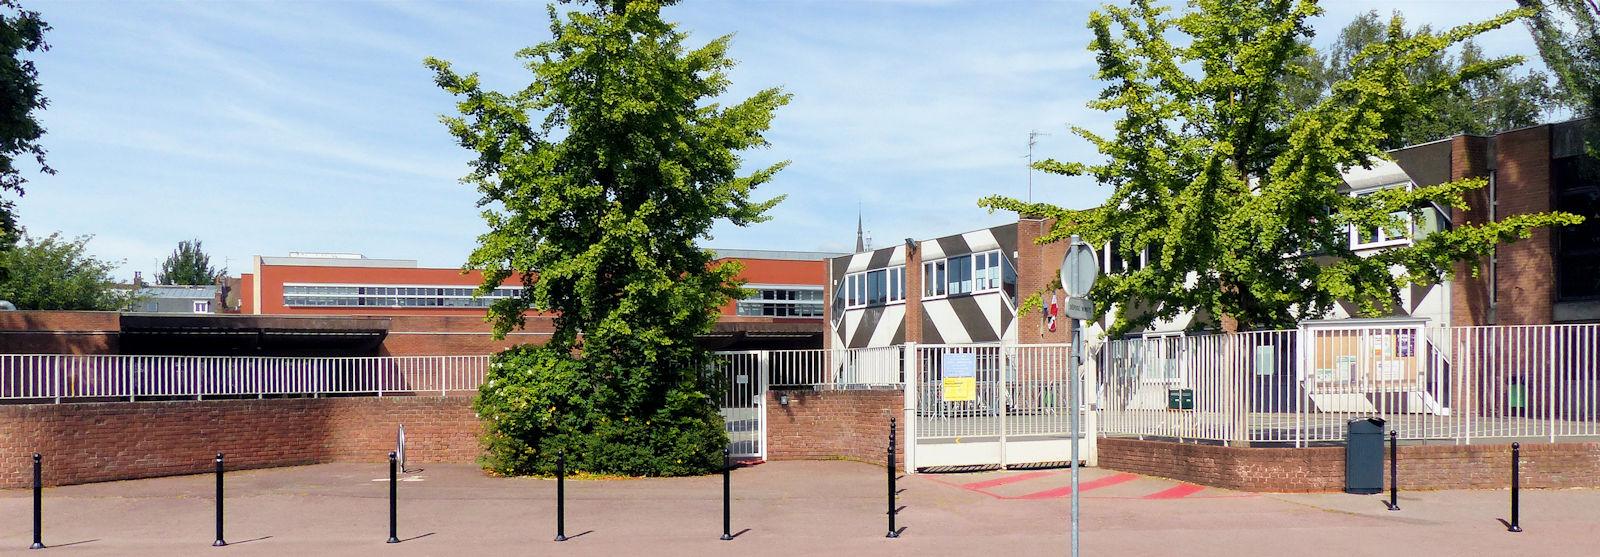 École primaire Bonnot - Tourcoing